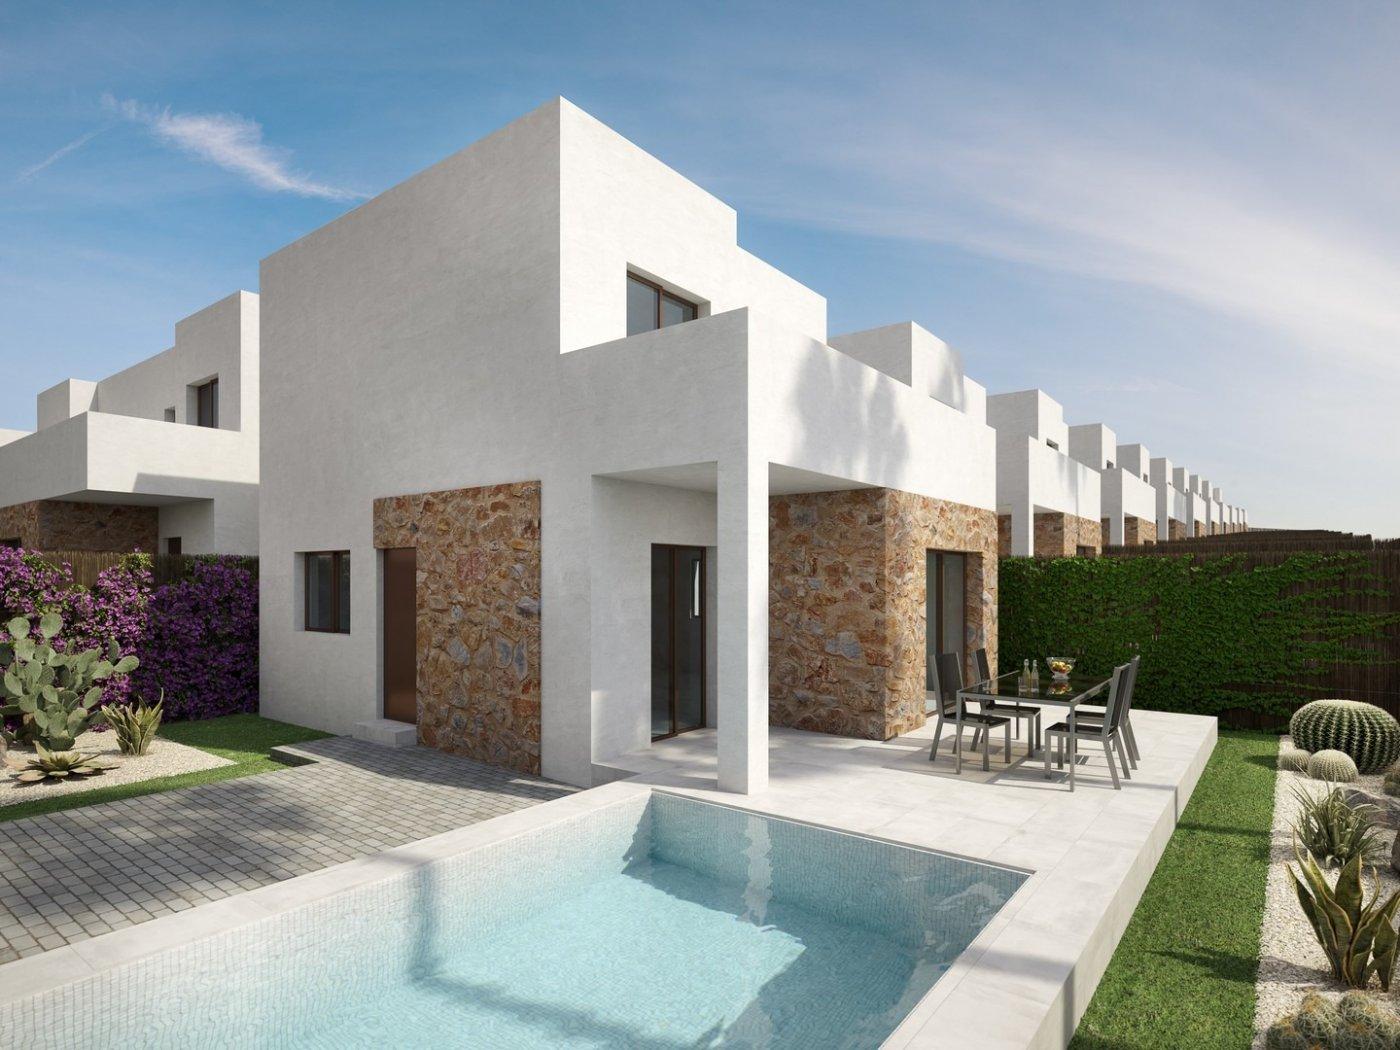 Nuevas villas pareadas e independientes en orihuela costa !!! - imagenInmueble0